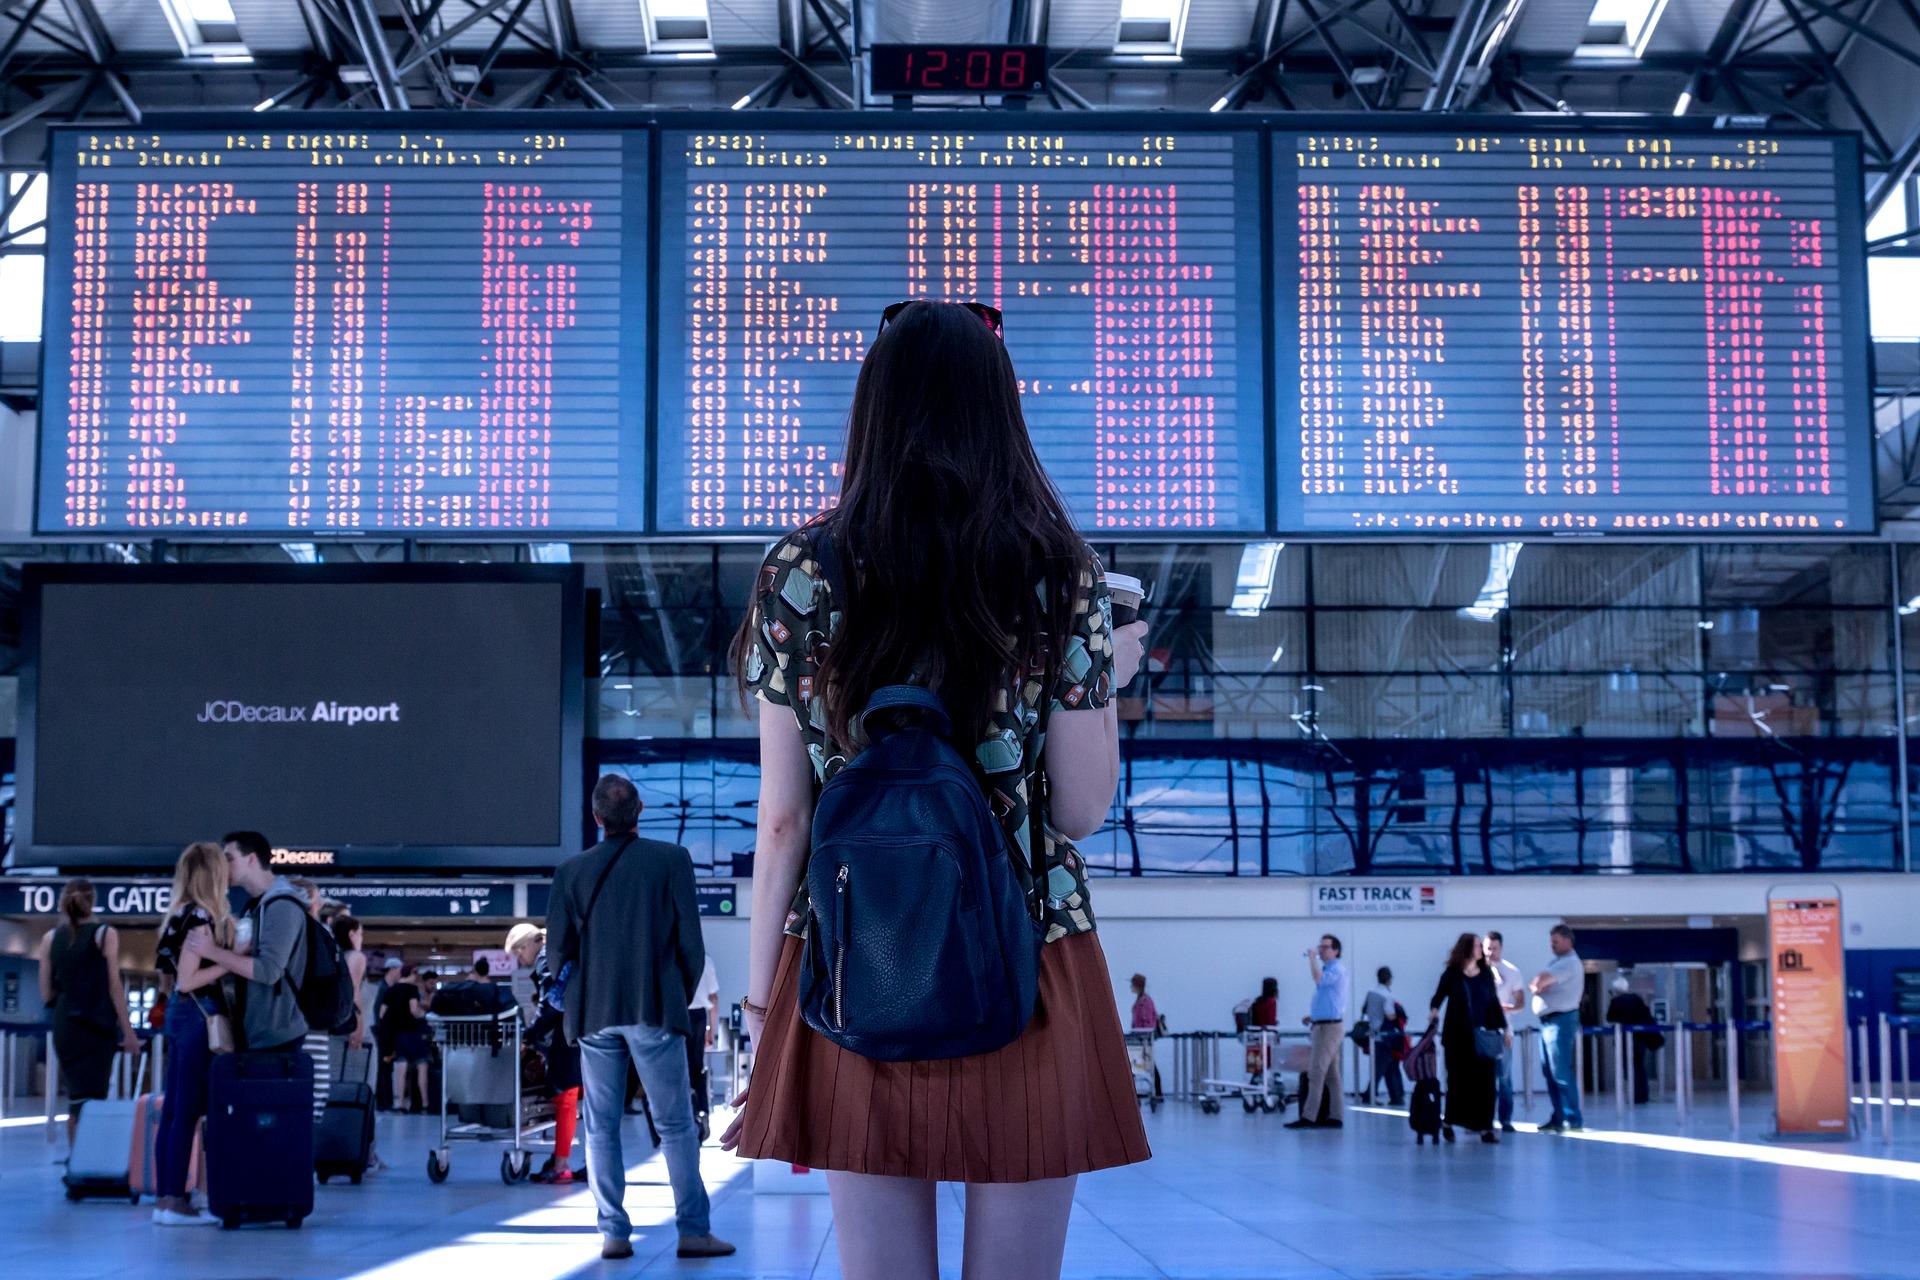 Compagnie aeree: quali sono i diritti dei passeggeri?